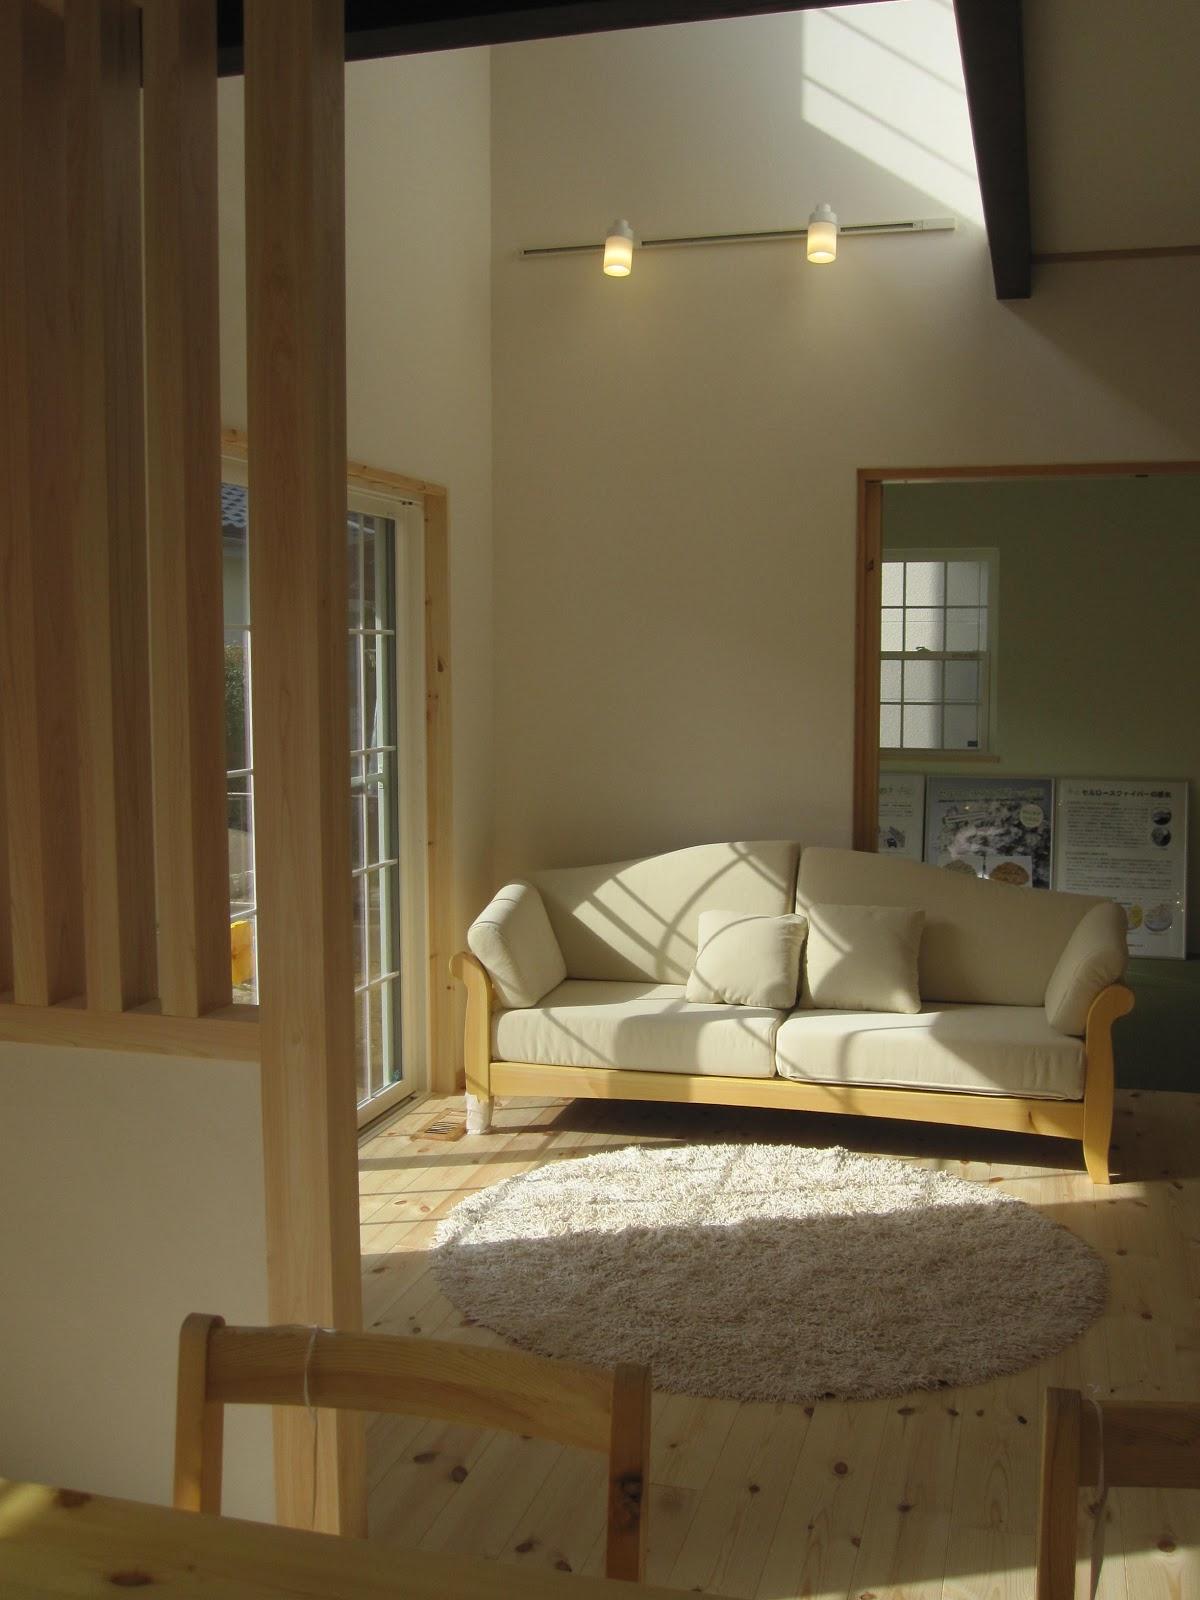 三重県 地熱活用自然素材の注文住宅 みのや 新築間取りプラン集プレゼント